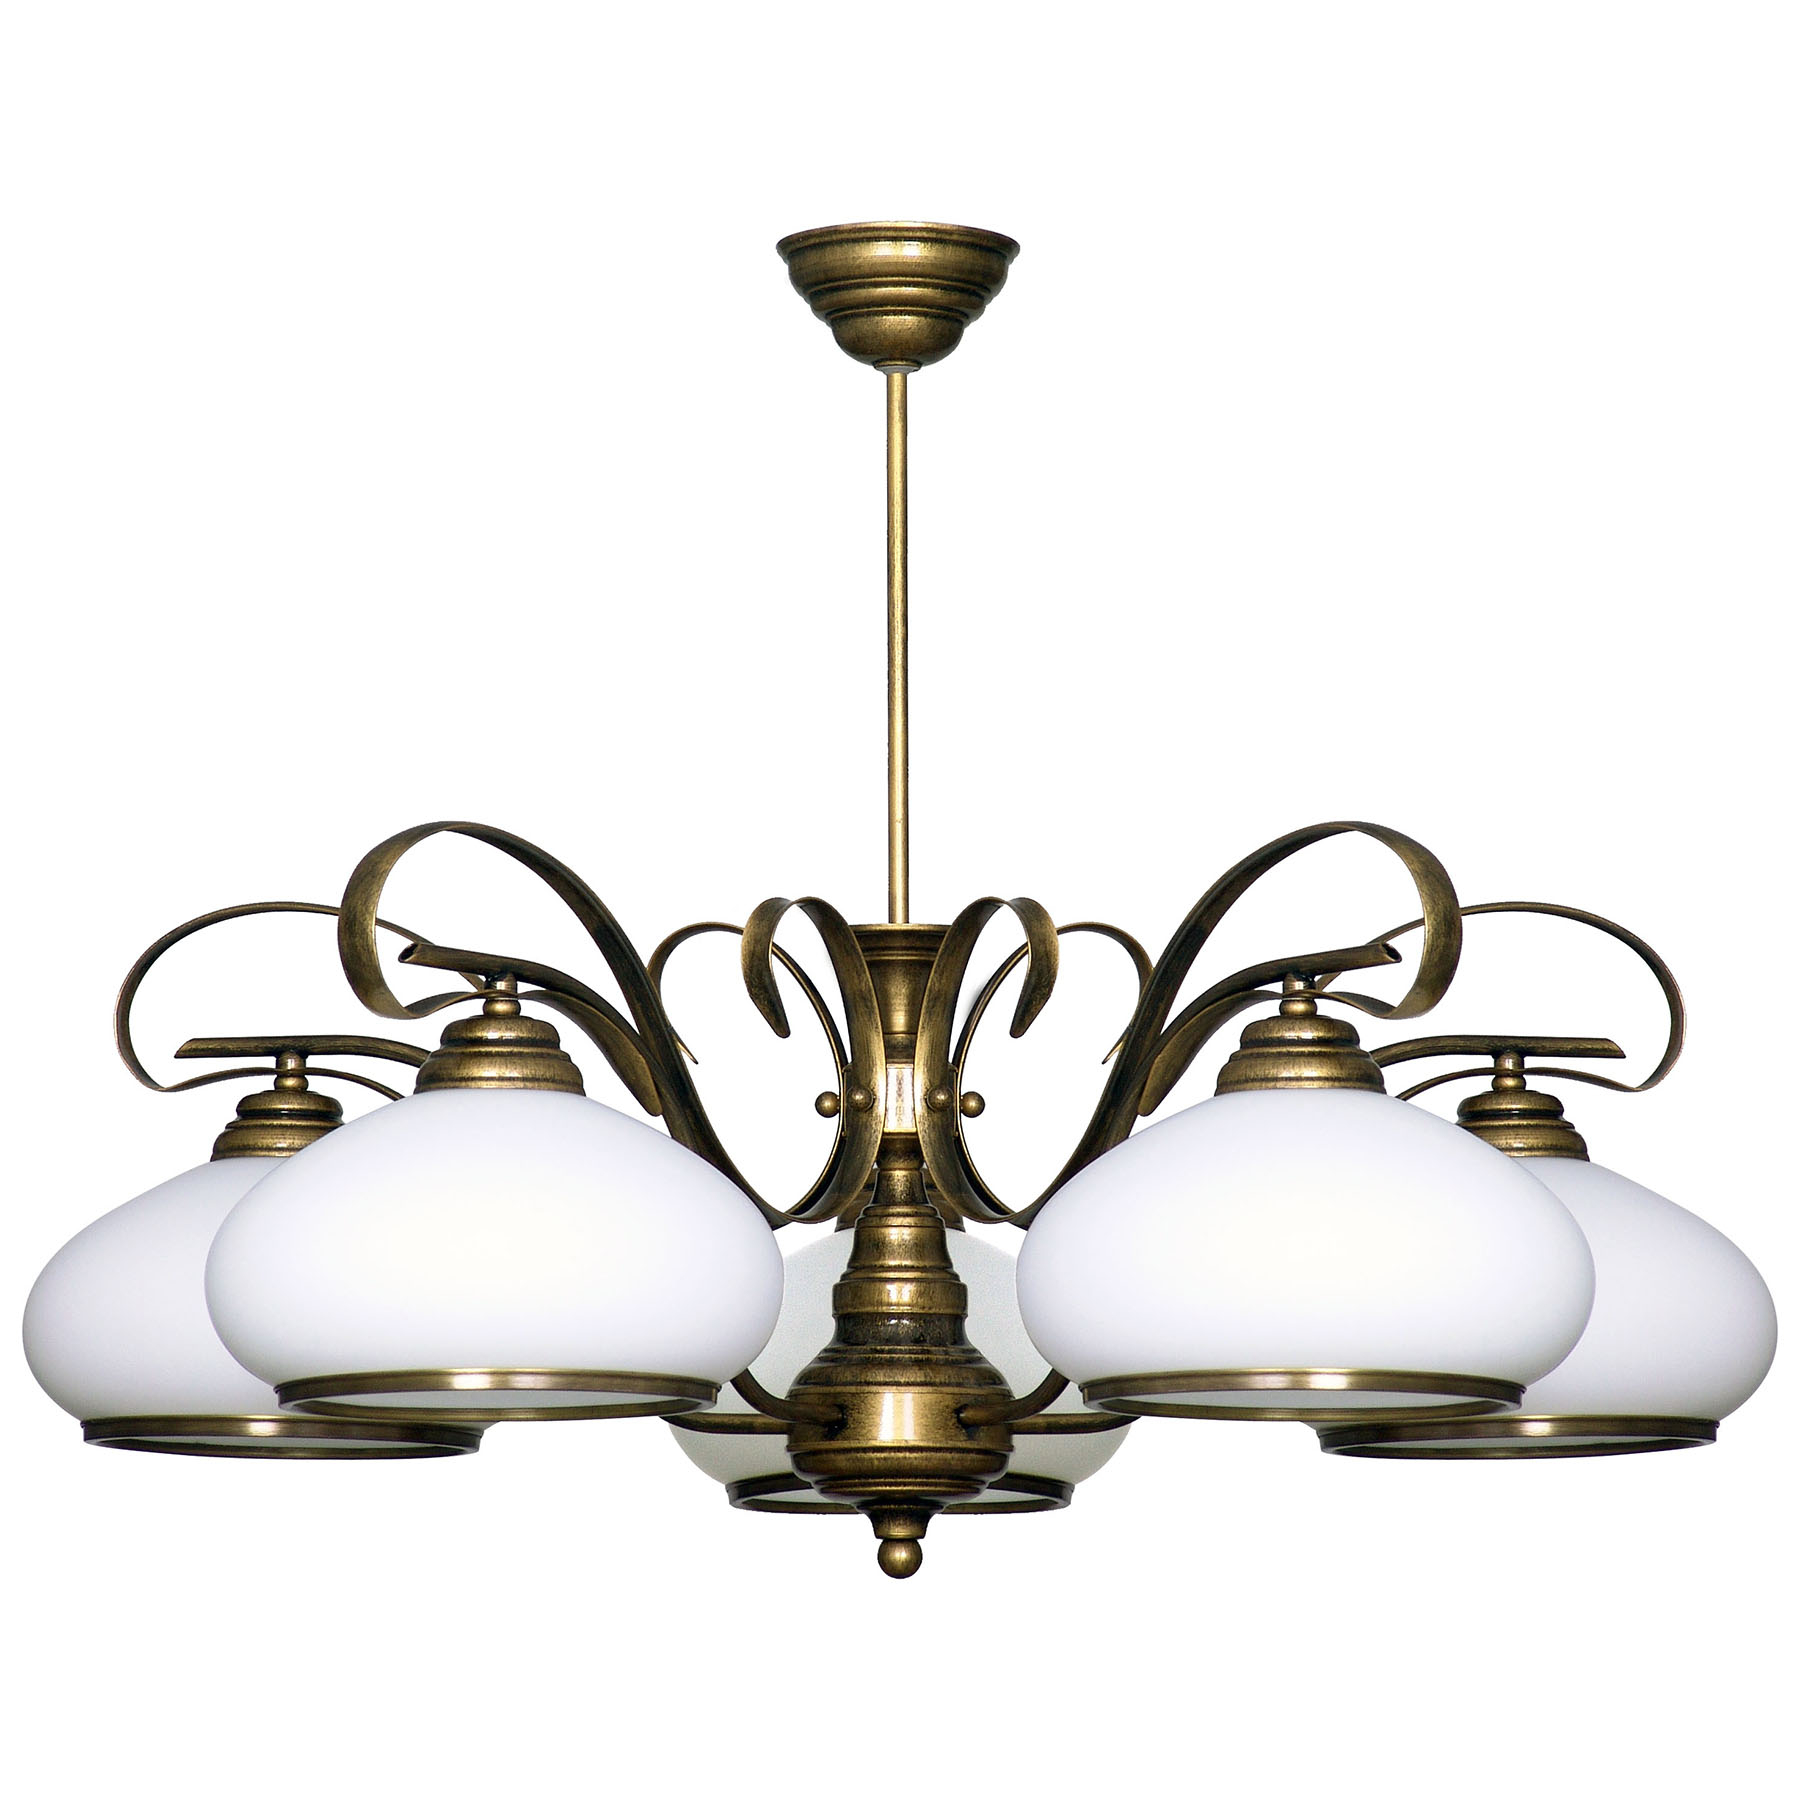 Suspension 493, verre opale/doré ancien, 5 lampes